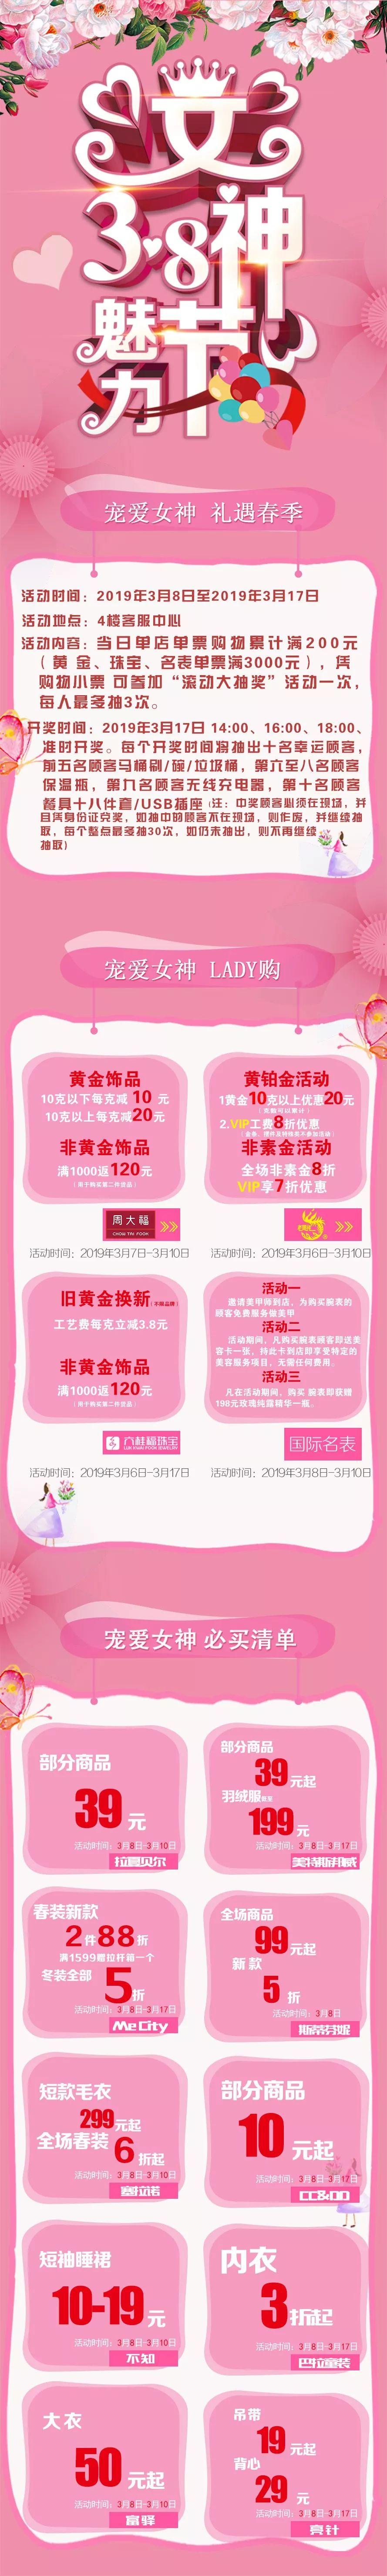 2019长春妇女节国际贸易中心打折优惠活动